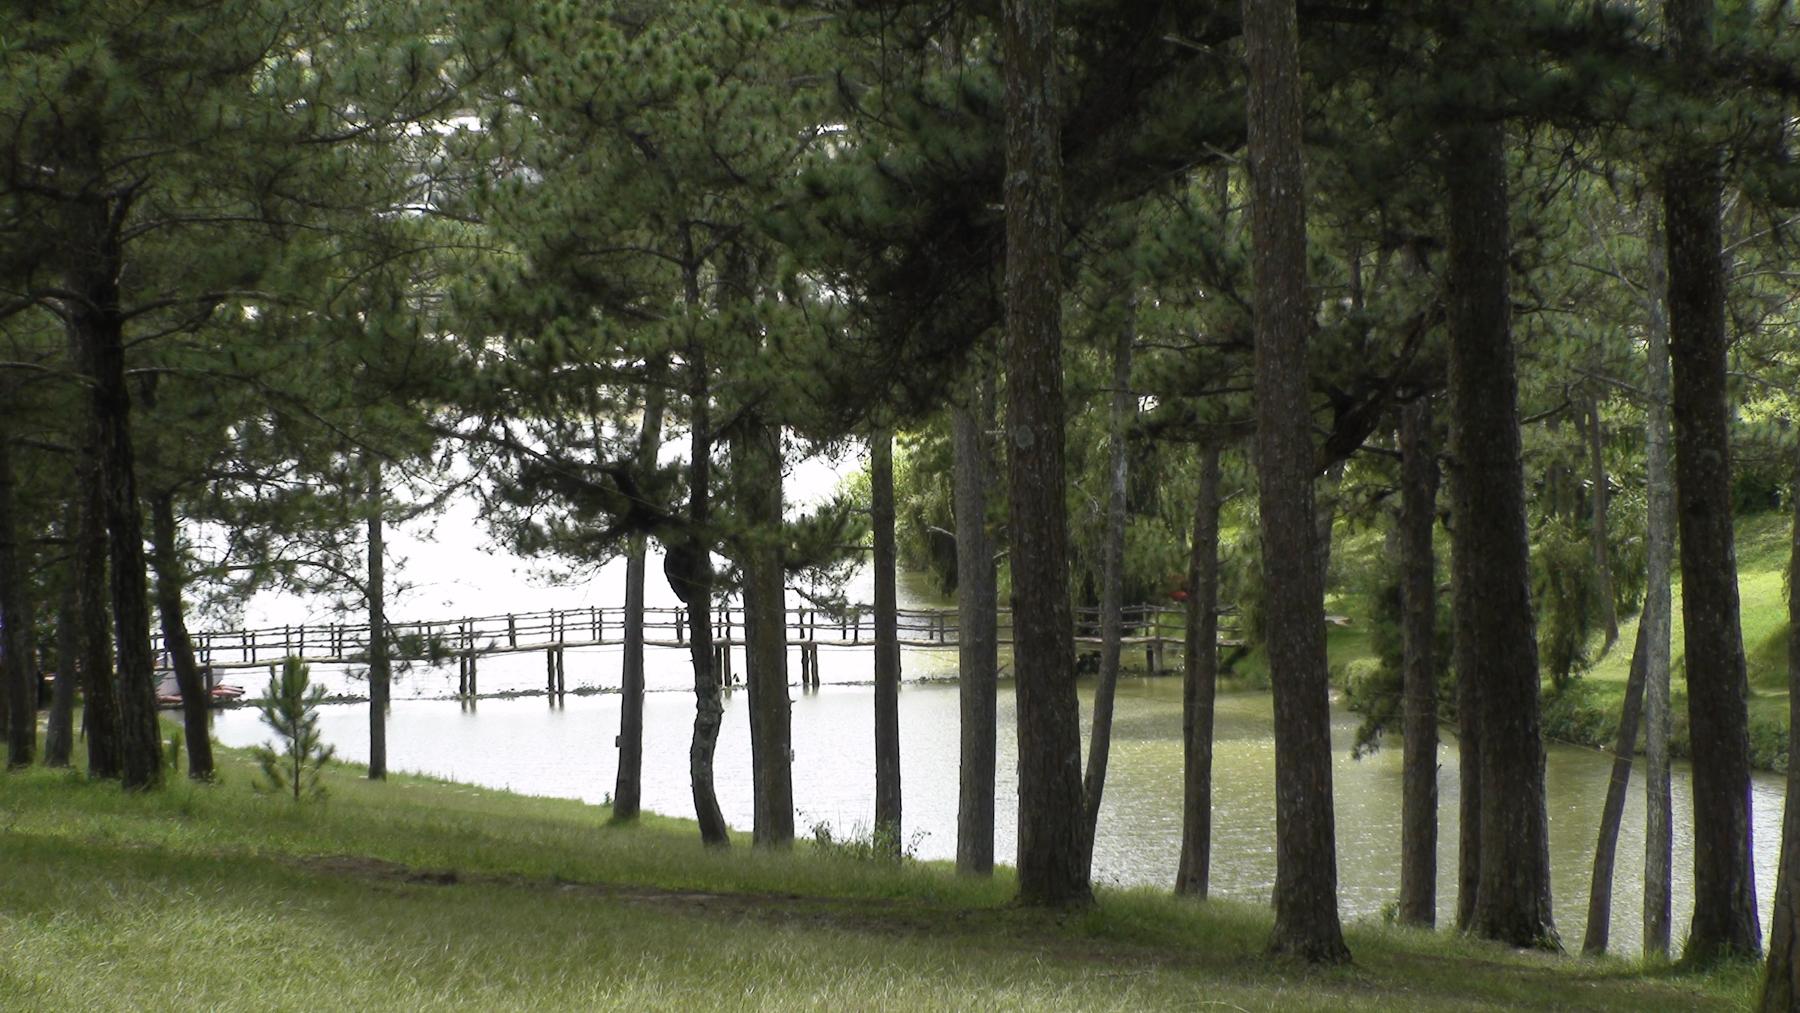 Chiếc cầu nhỏ bắc qua góc hồ bị che lấp sau những hàng thông